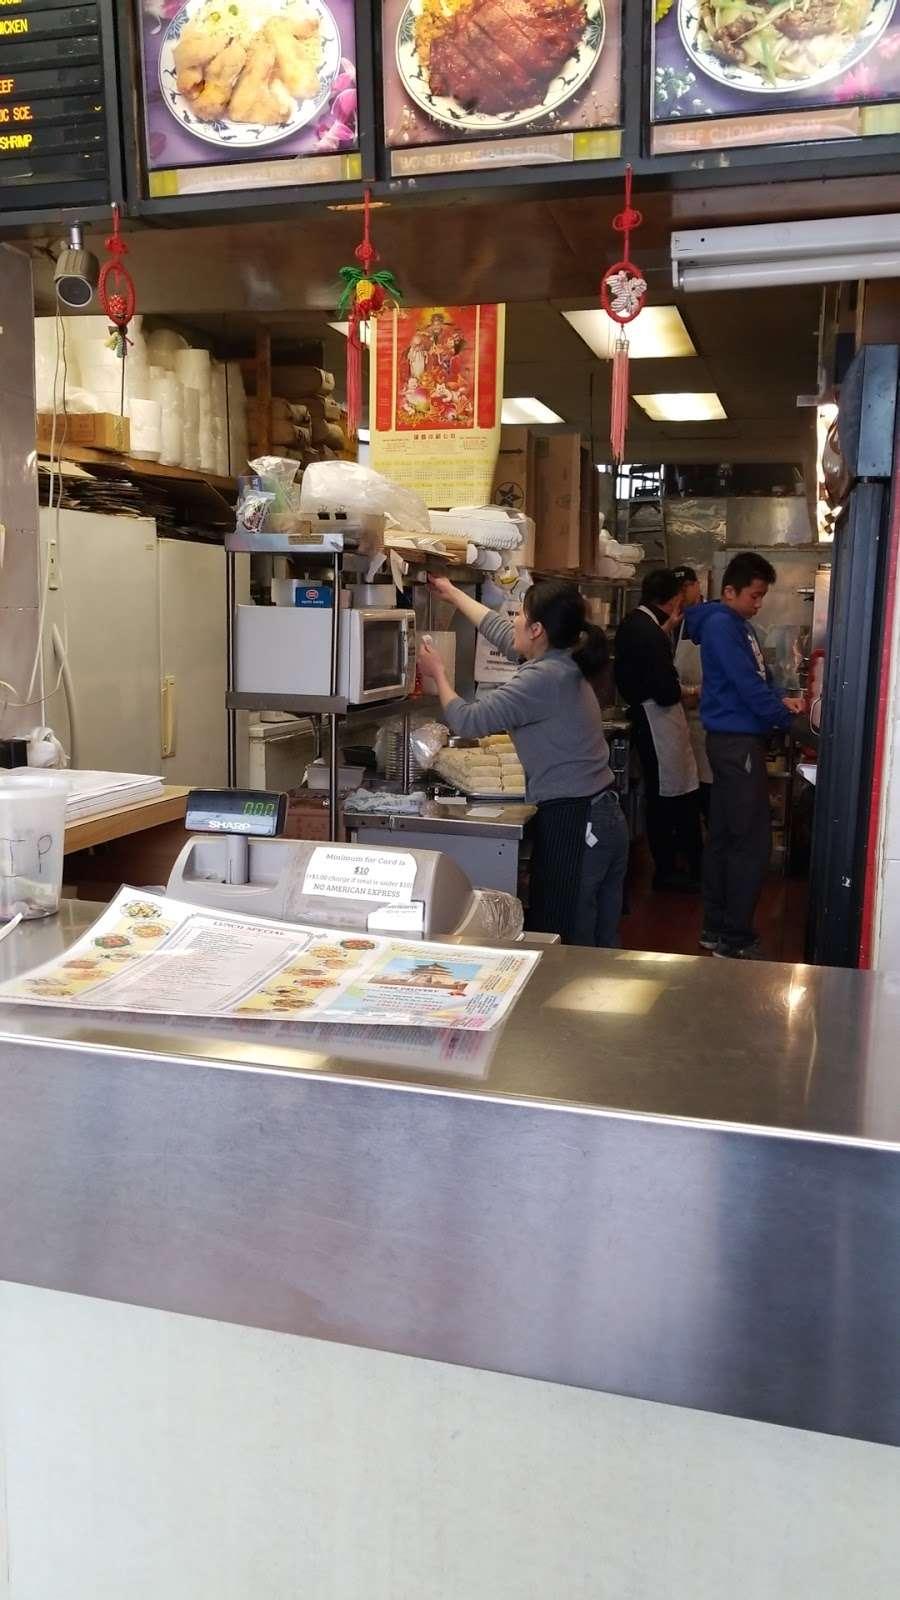 China House - restaurant  | Photo 1 of 2 | Address: 454 Market St, Elmwood Park, NJ 07407, USA | Phone: (201) 797-8881